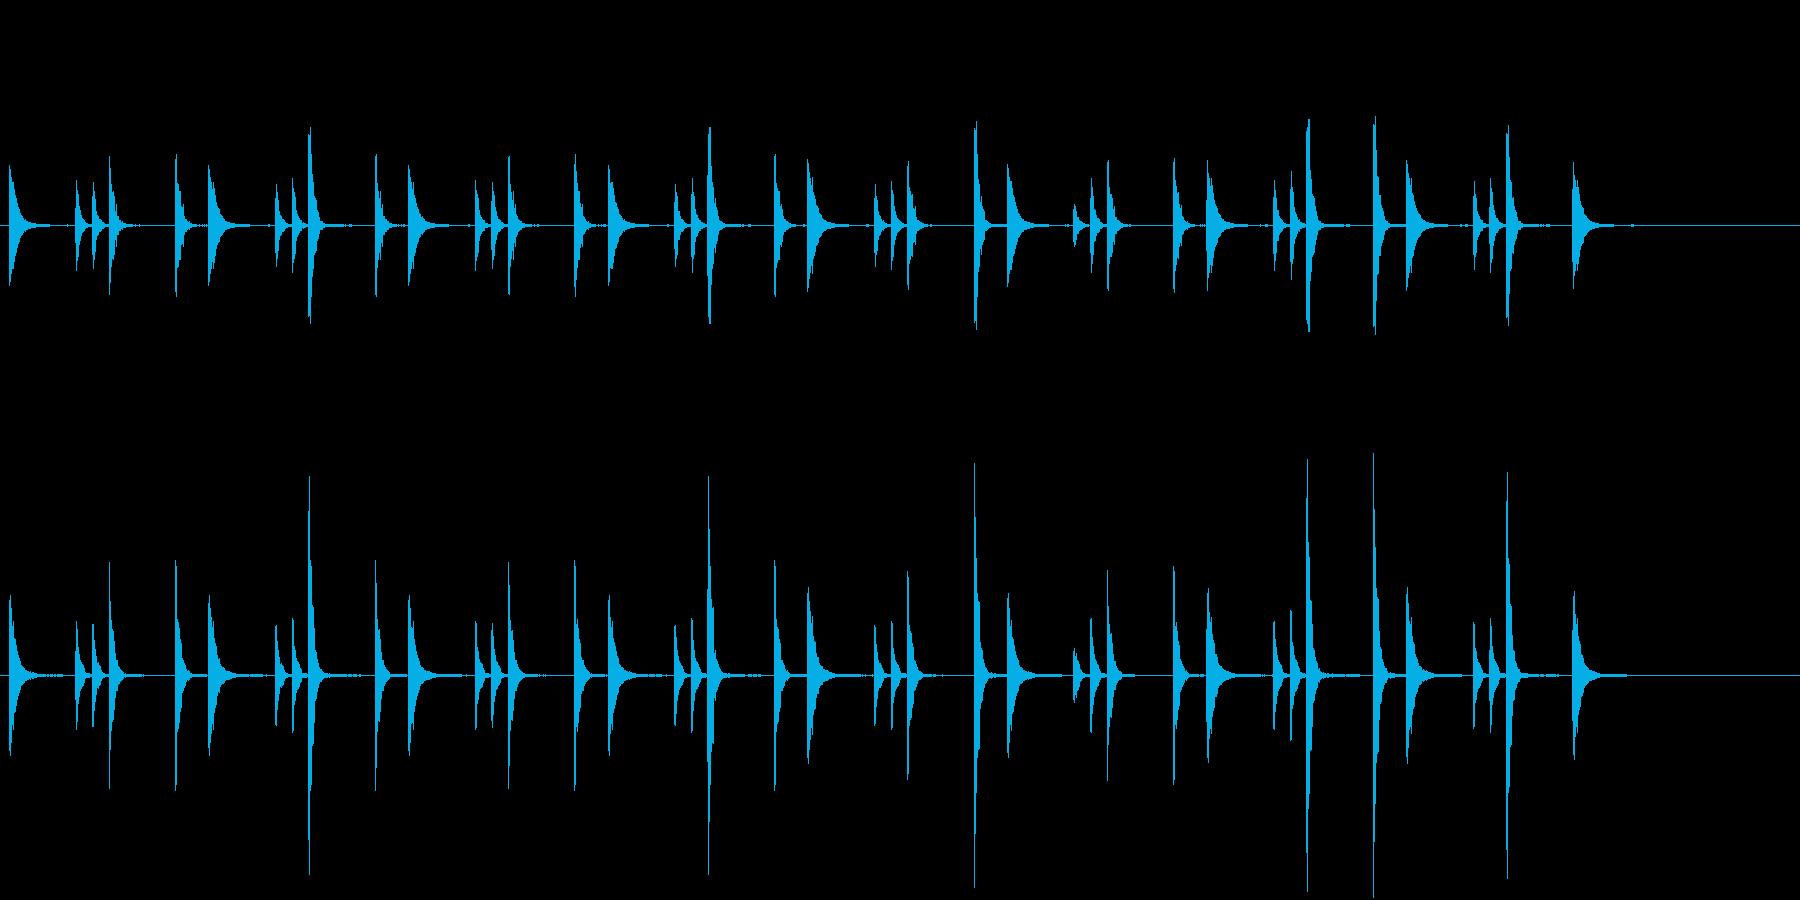 お囃子祭りの軽快な当り鉦のループ音FX有の再生済みの波形